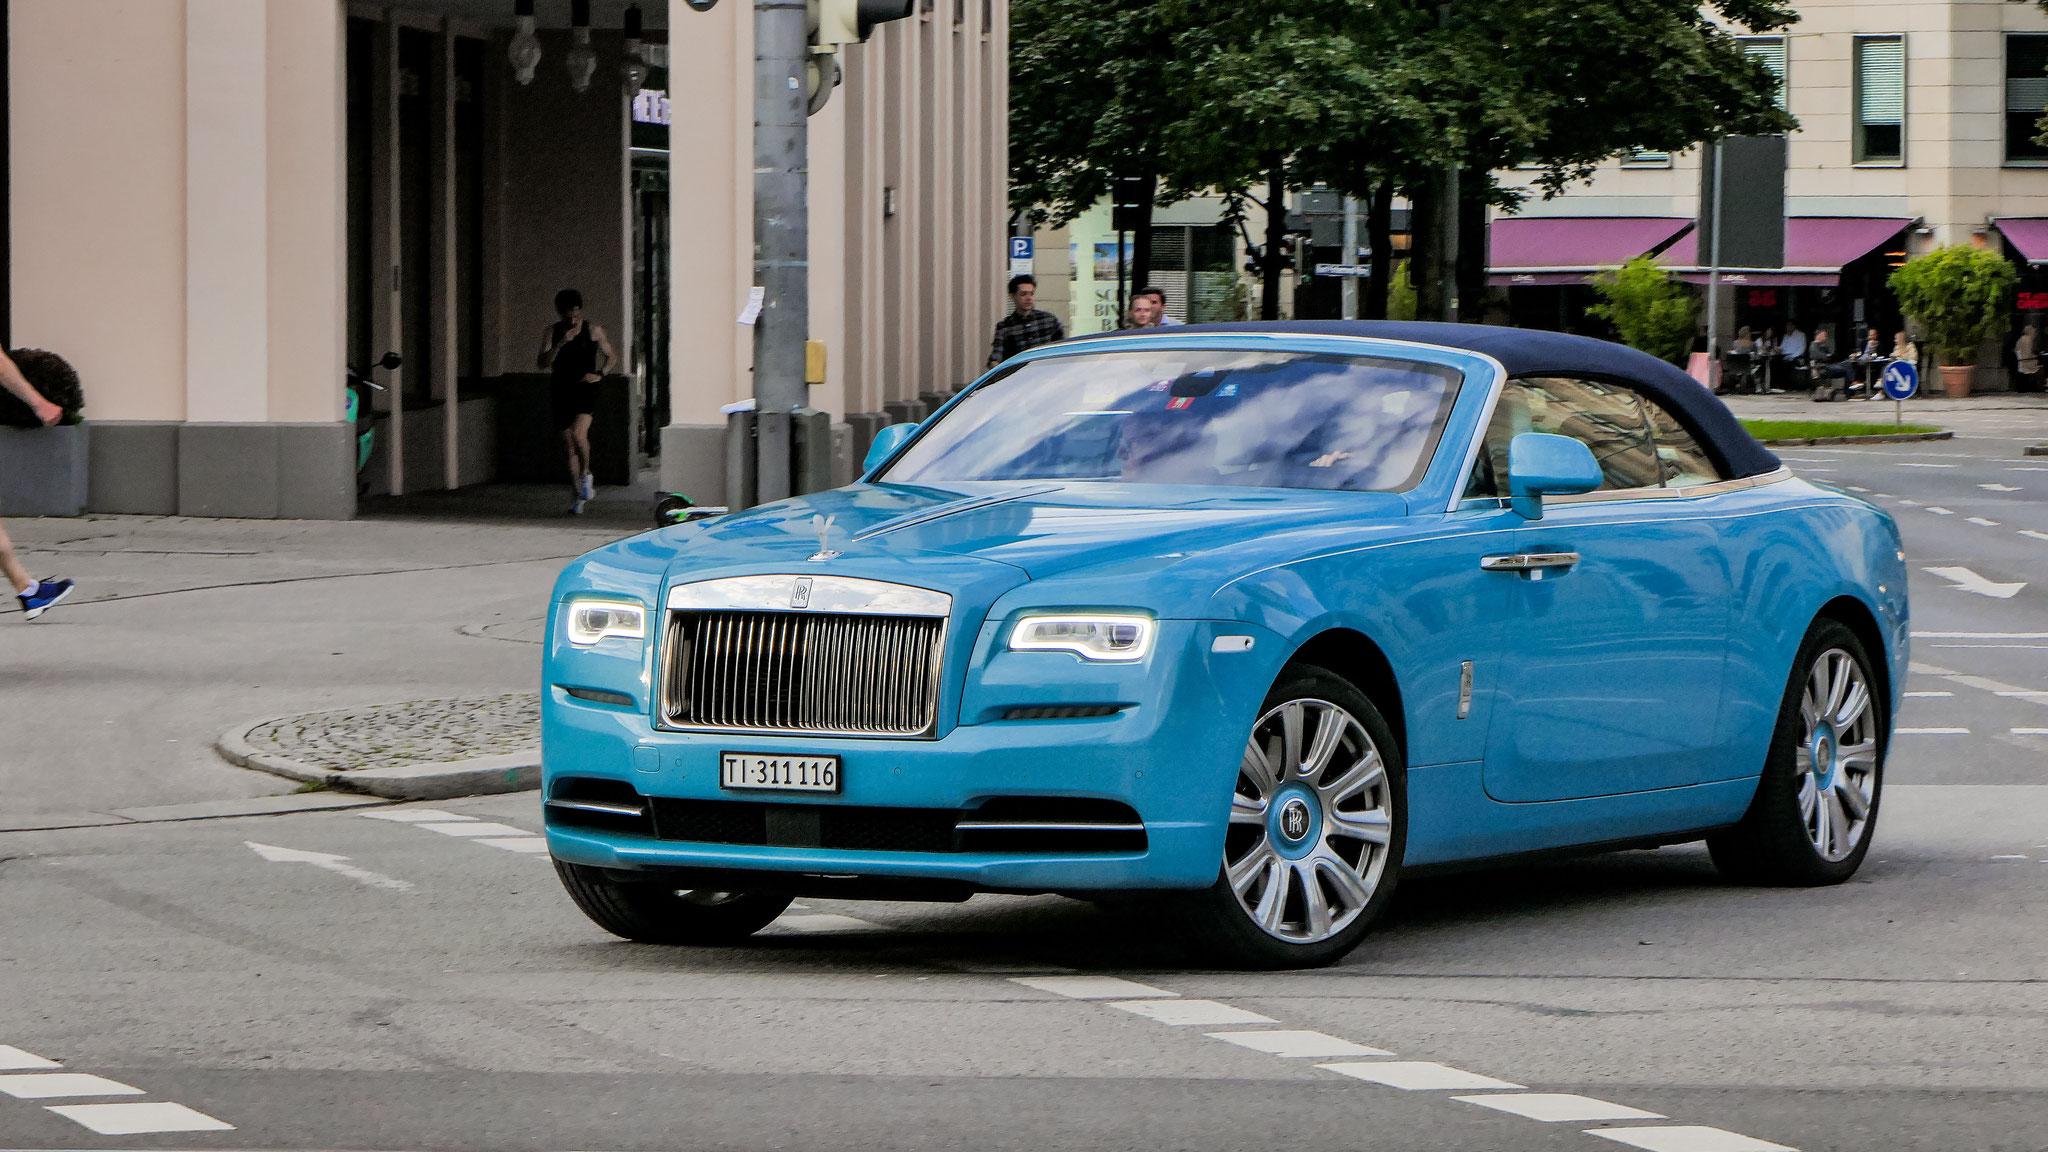 Rolls Royce Dawn - TI-311116 (CH)